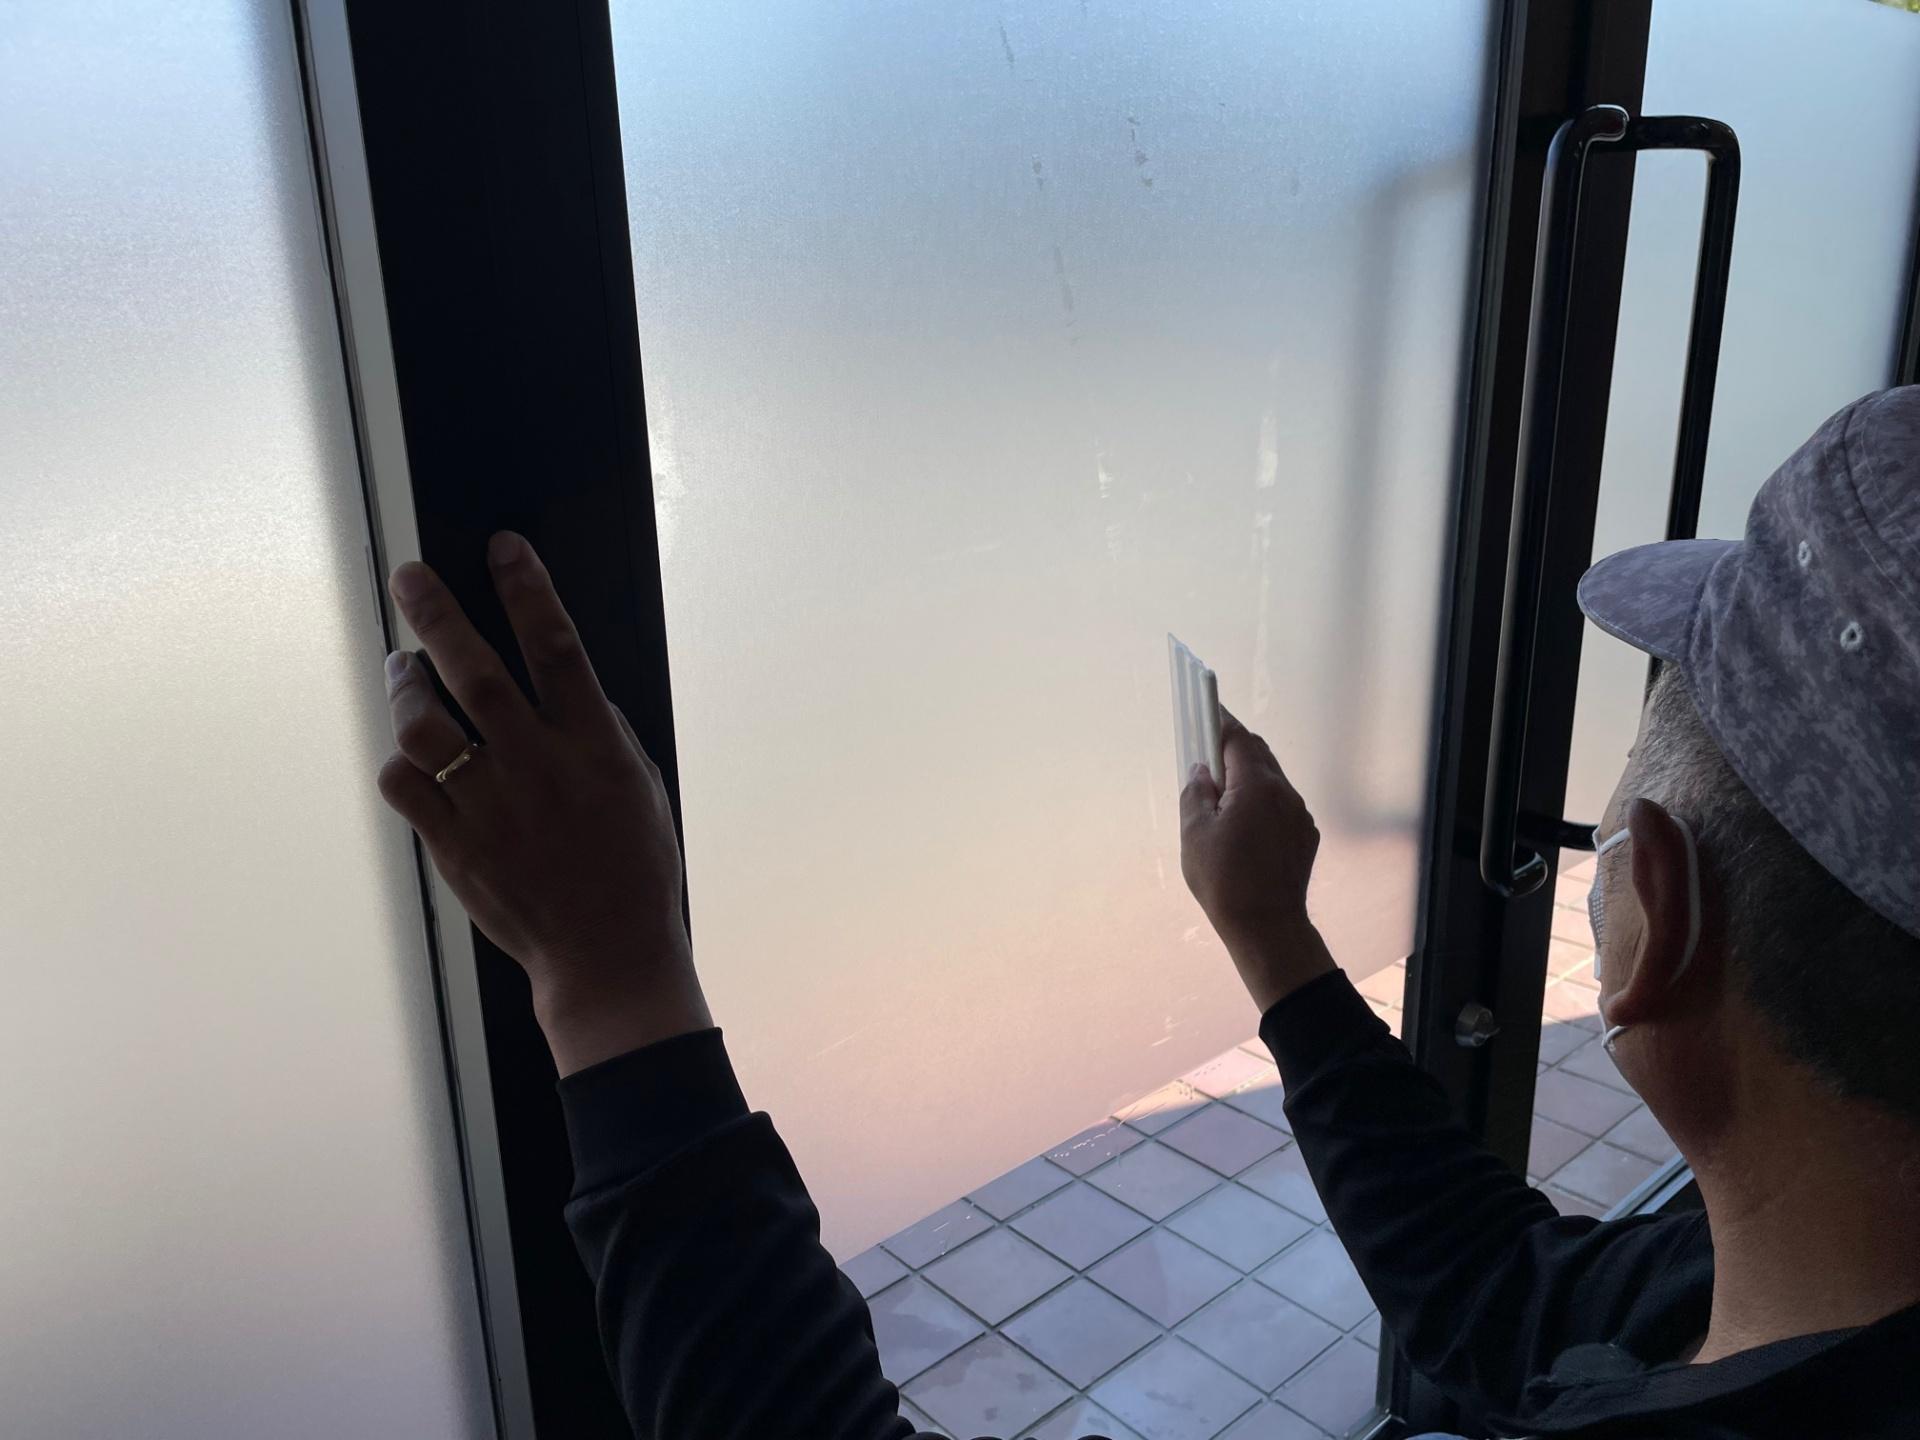 茨城県ひたちなか市 訪問介護事業所様のガラスシール施工をさせて頂きました